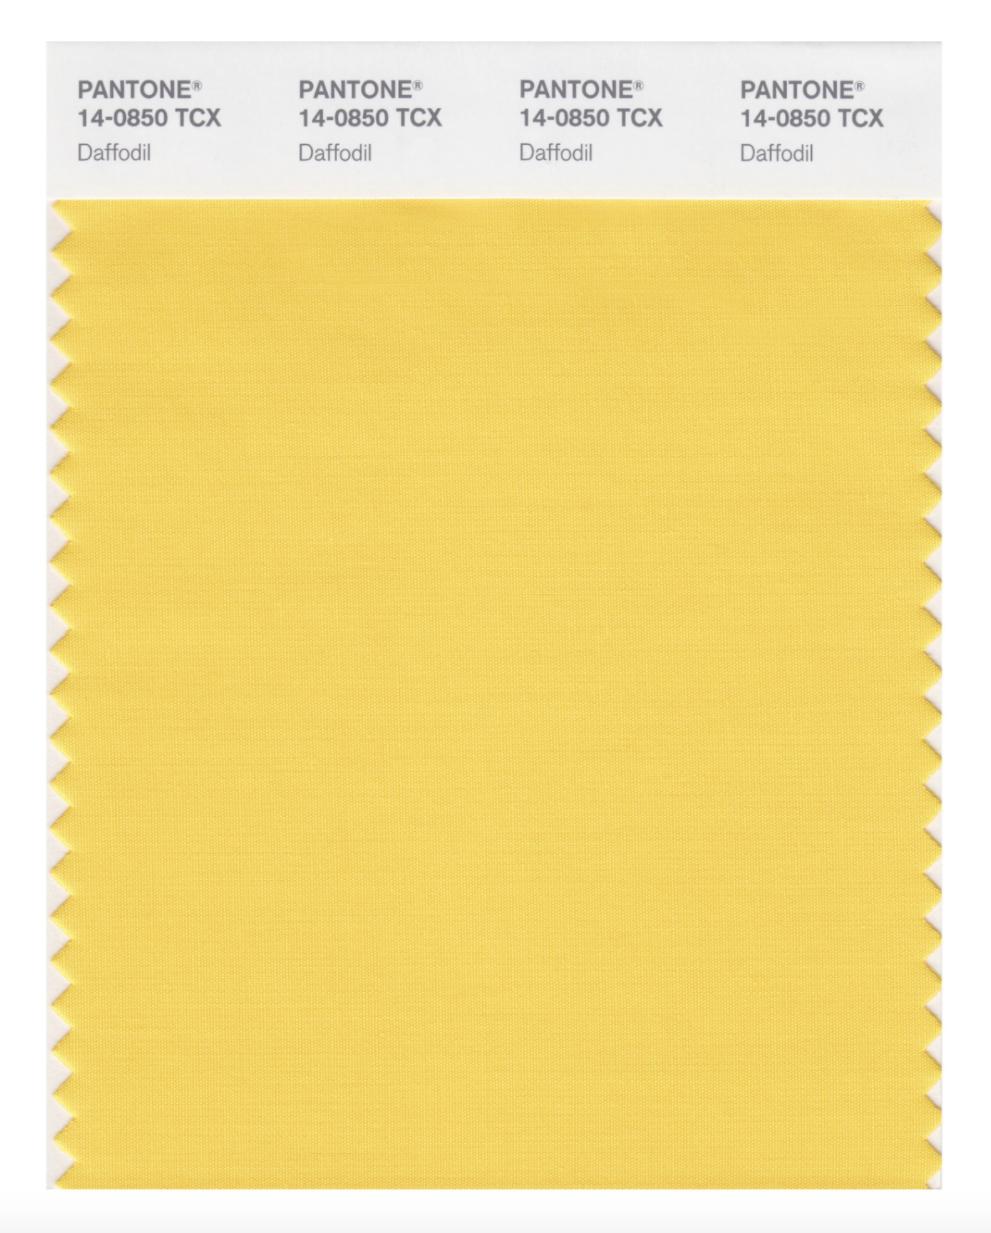 Институт Pantone представил главные цвета весны 2022 года (ФОТО) - фото №8